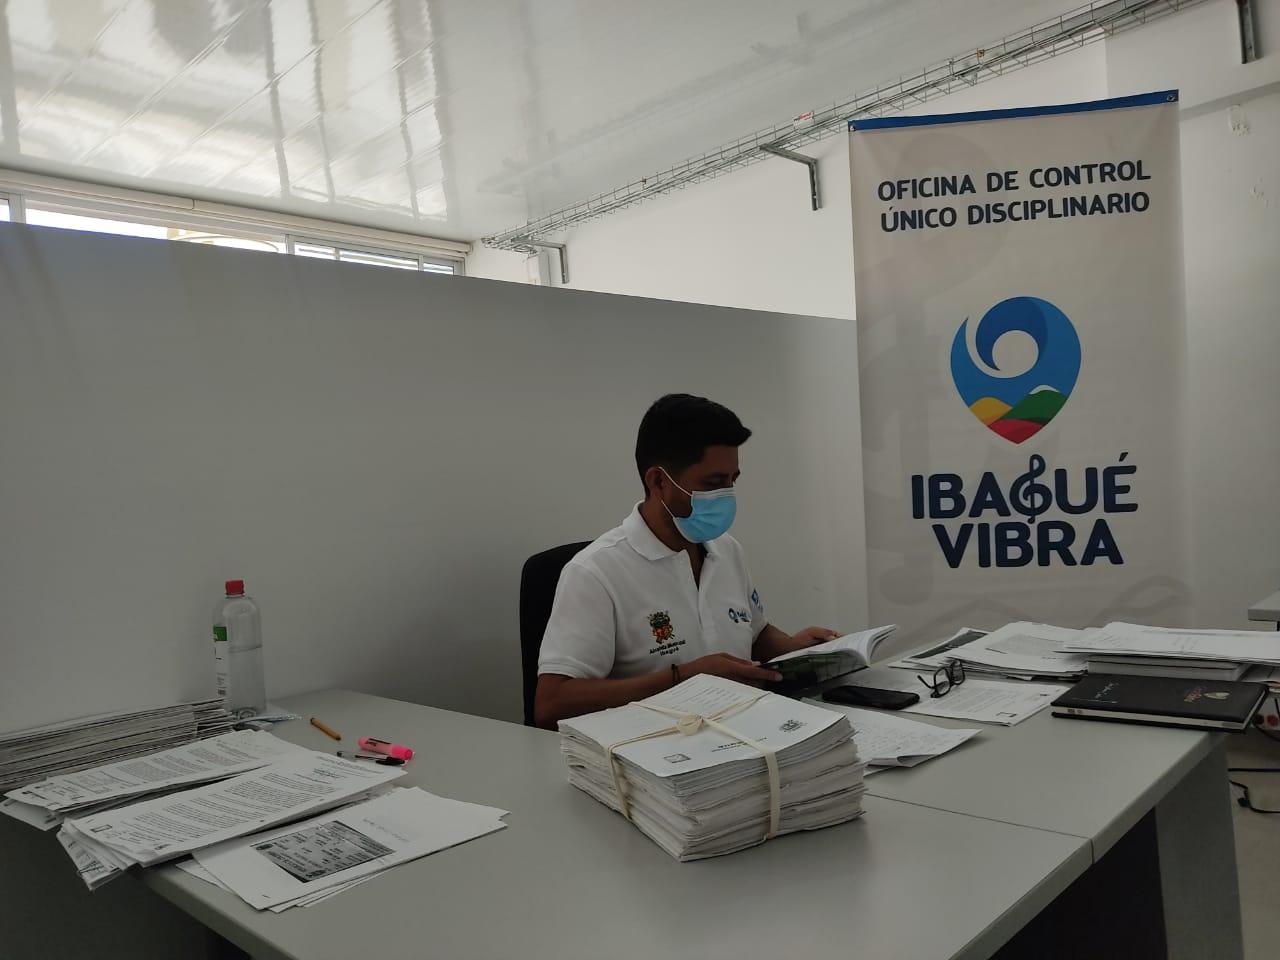 Funcionarios sancionados por faltas disciplinarias en la alcaldía de Ibagué. 1